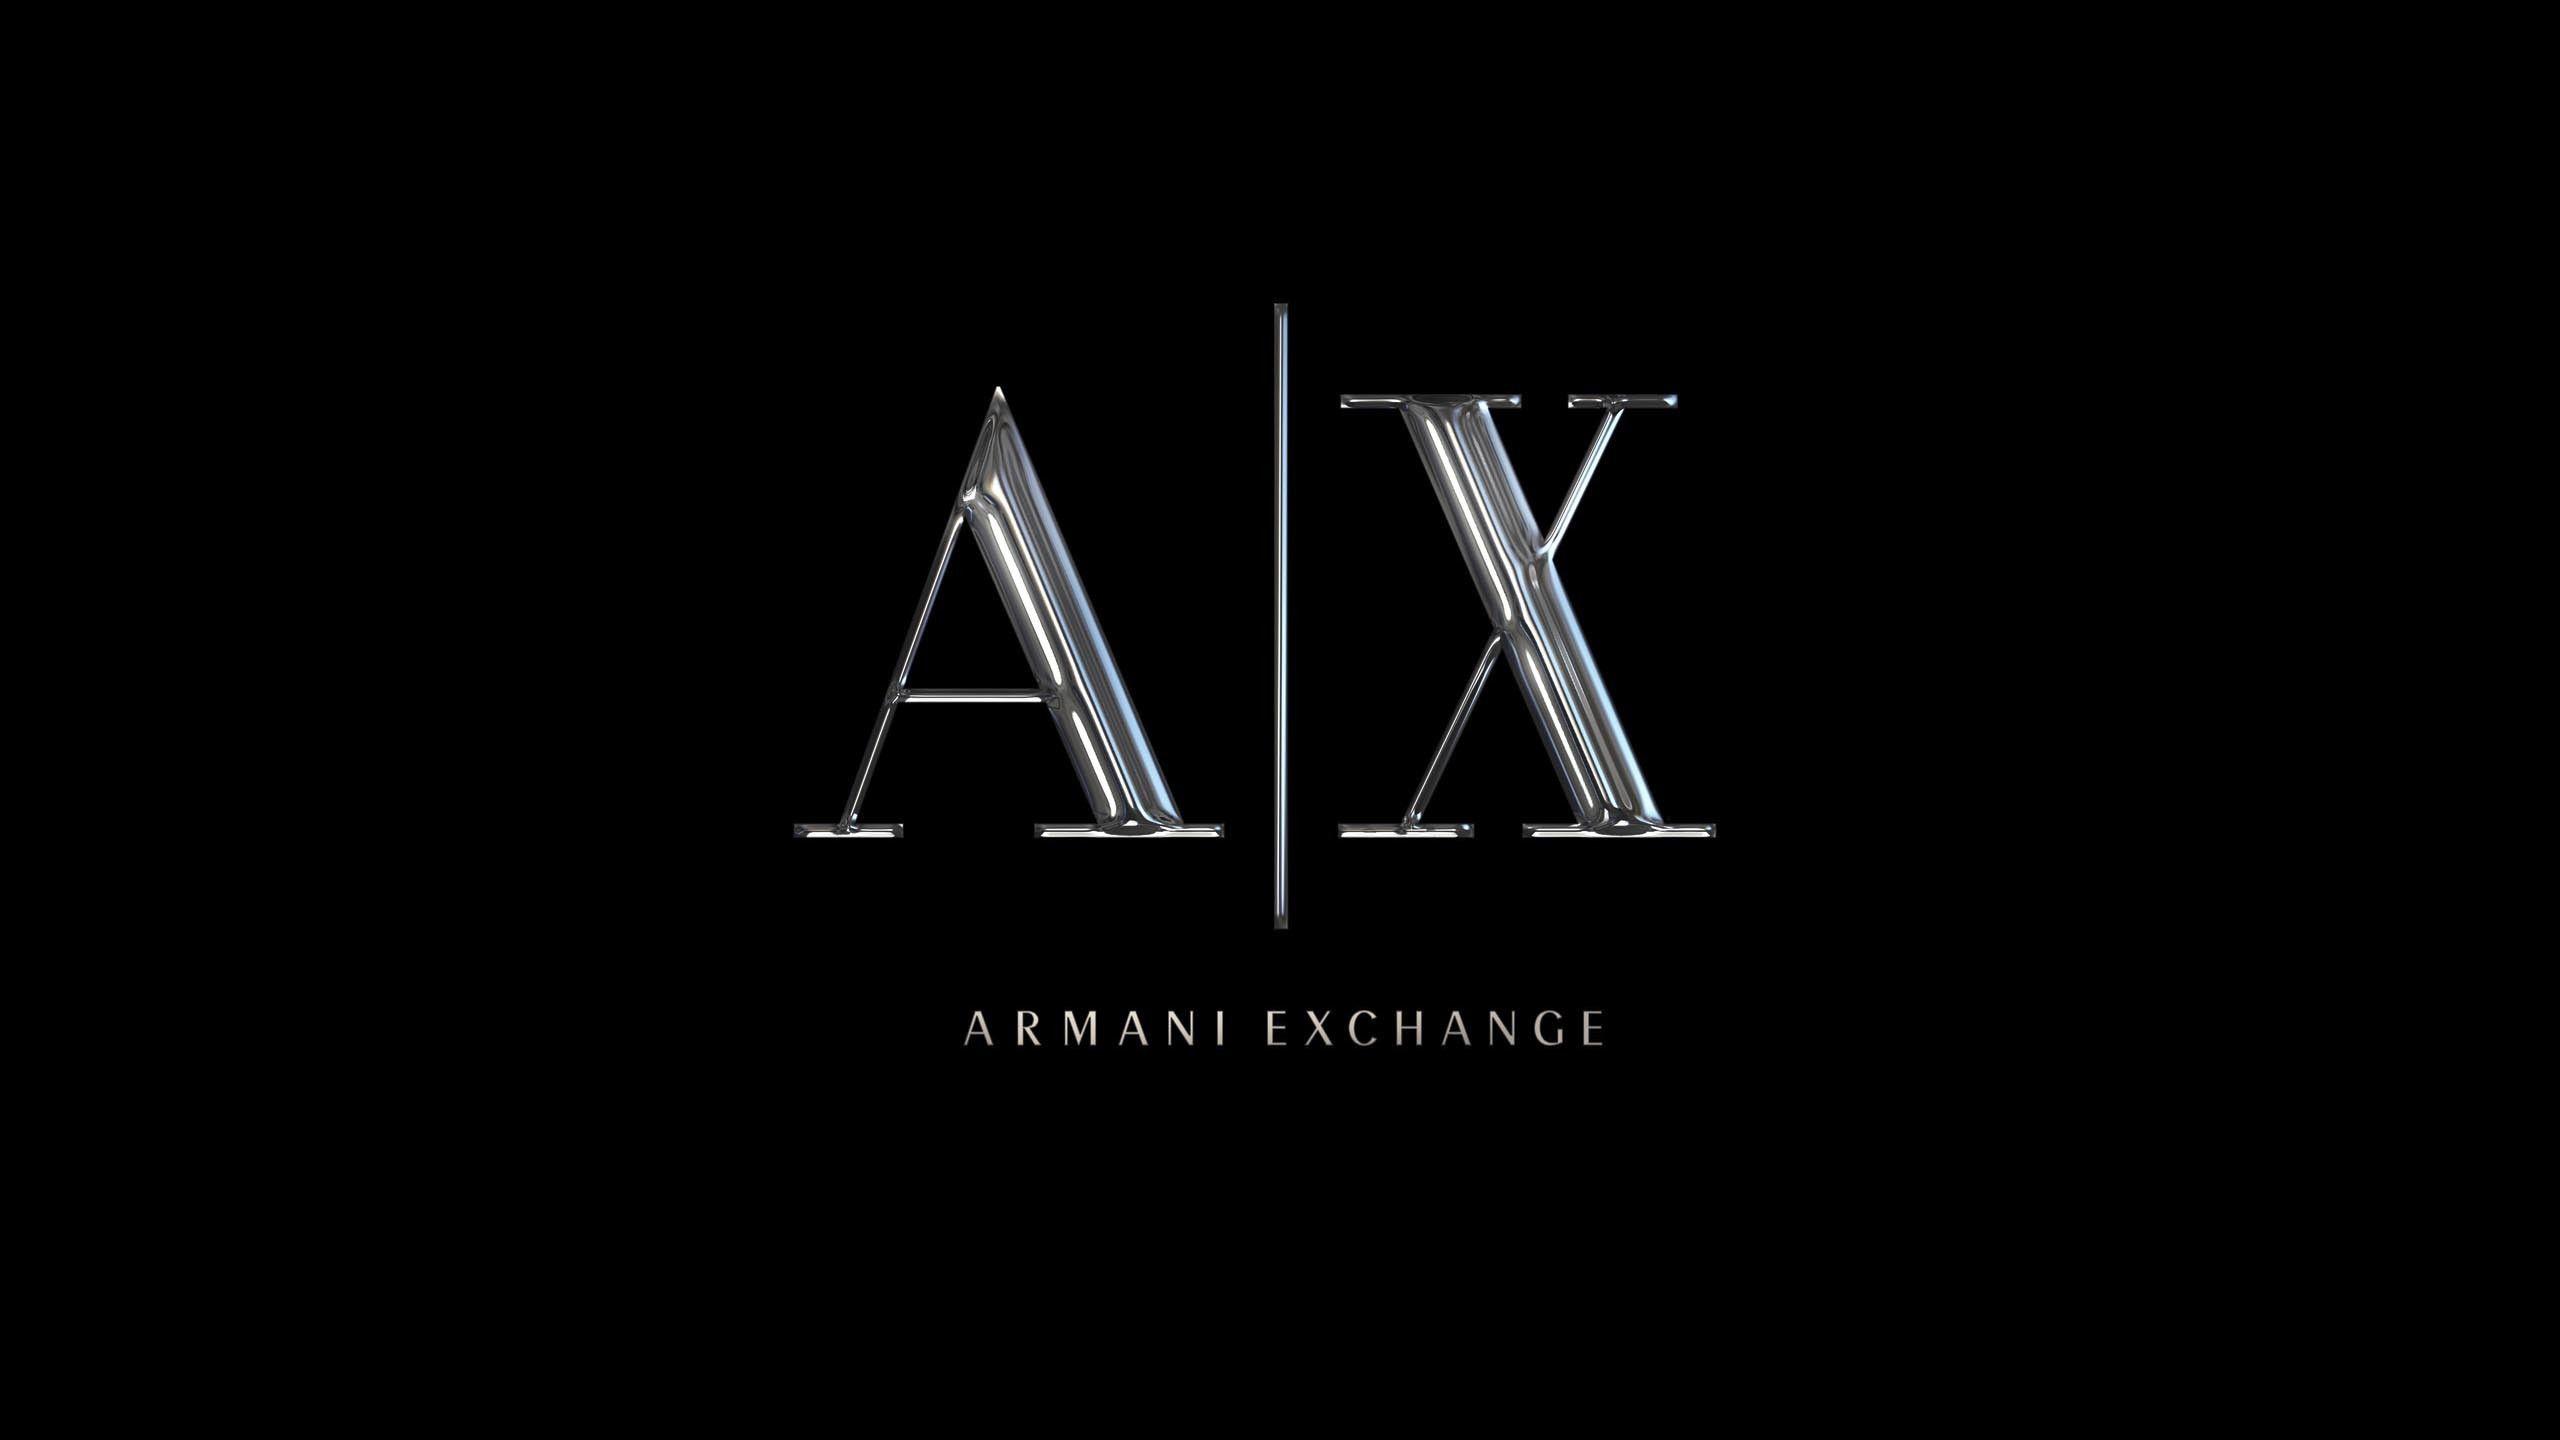 armani armani exchange